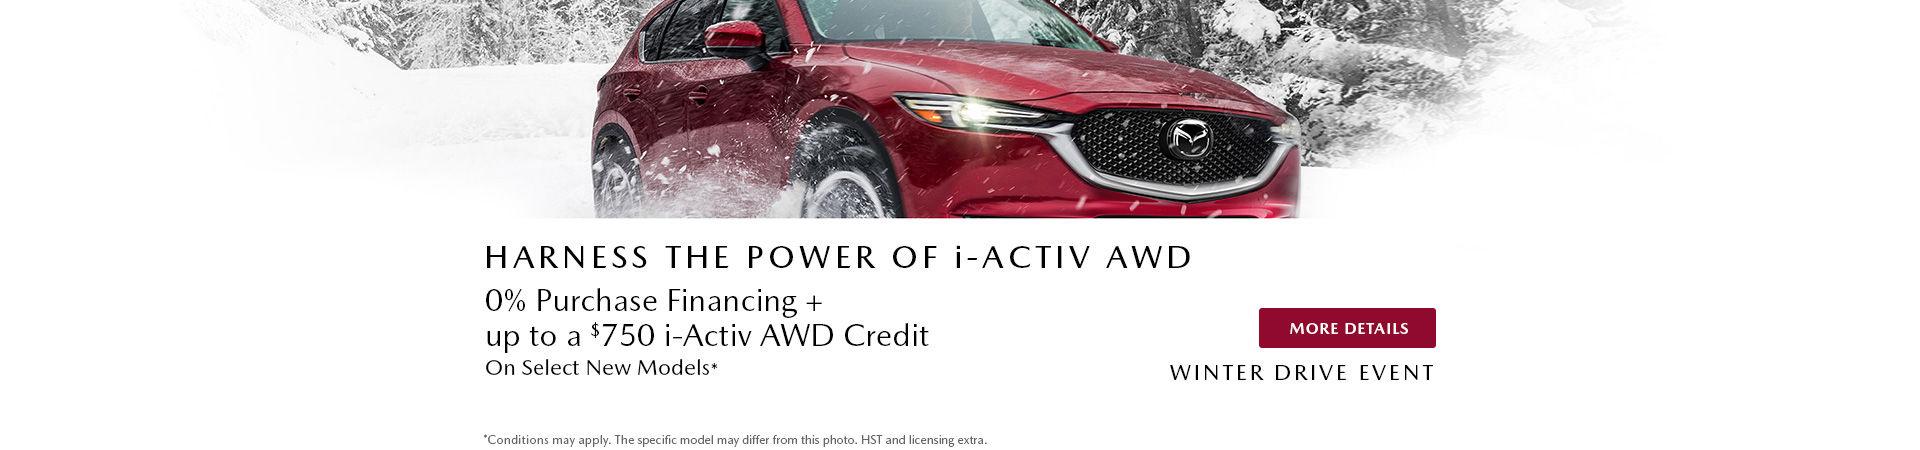 Mazda Winter Drive Event  - header